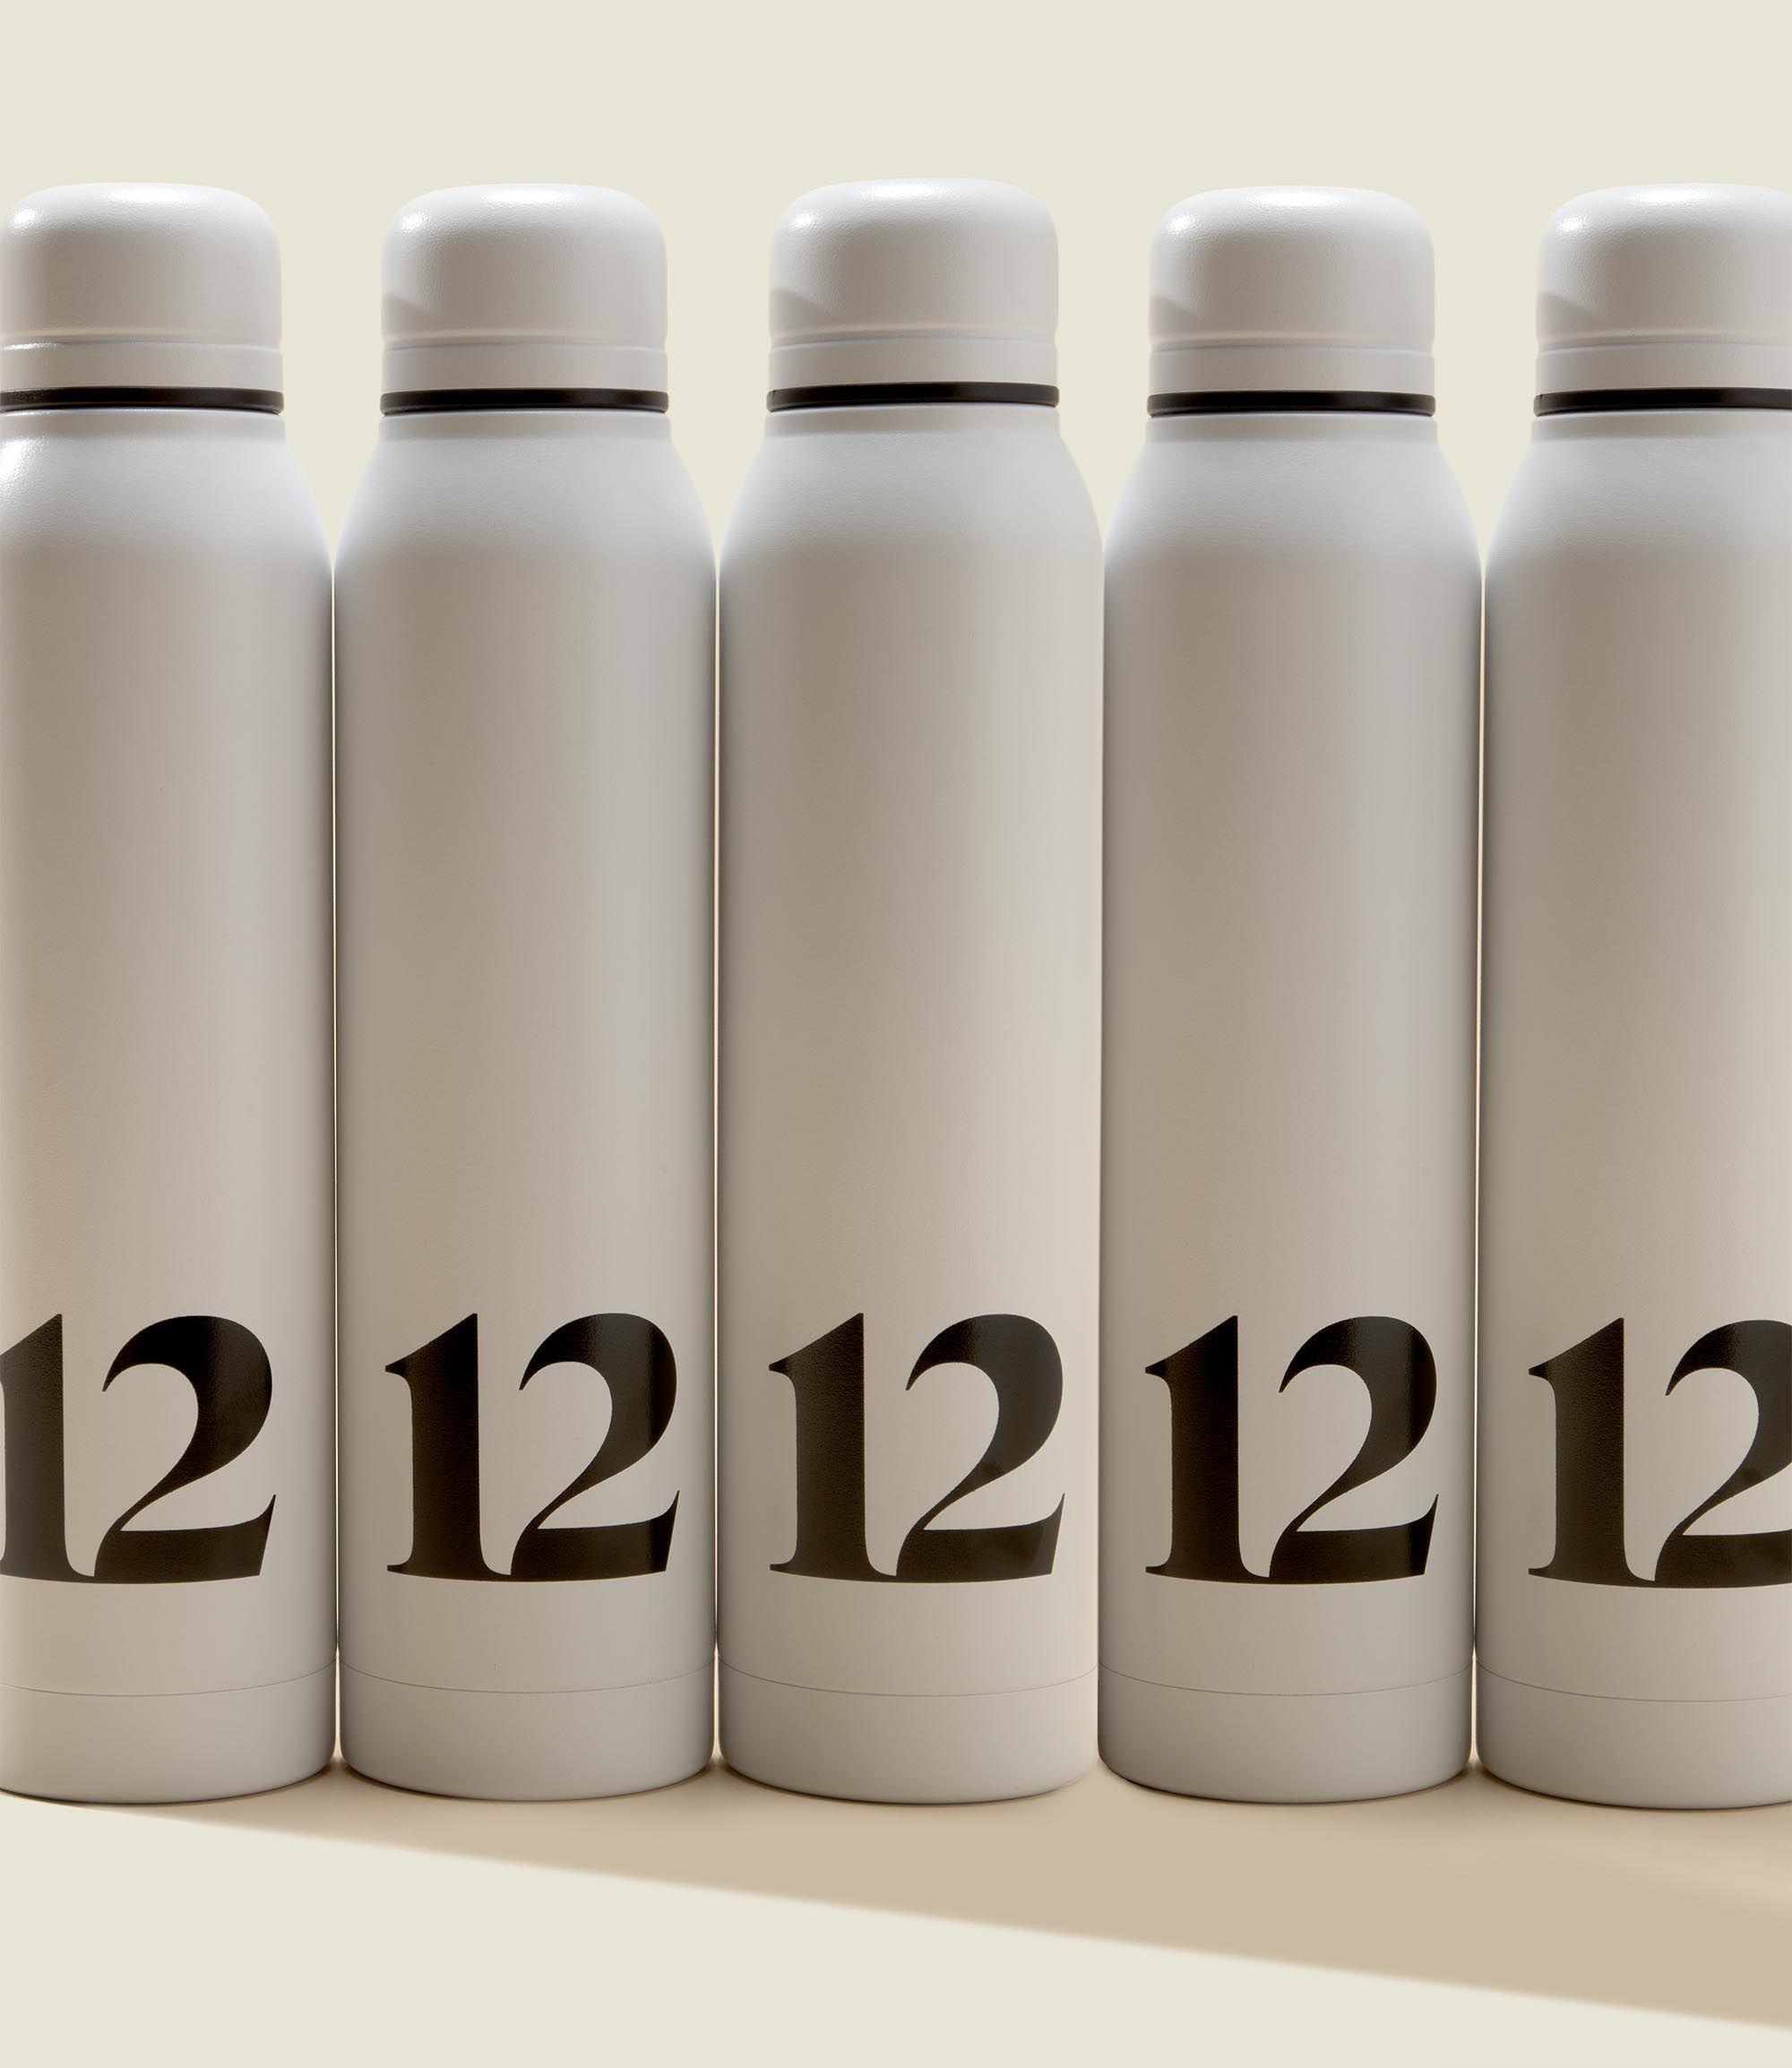 Set of water bottles